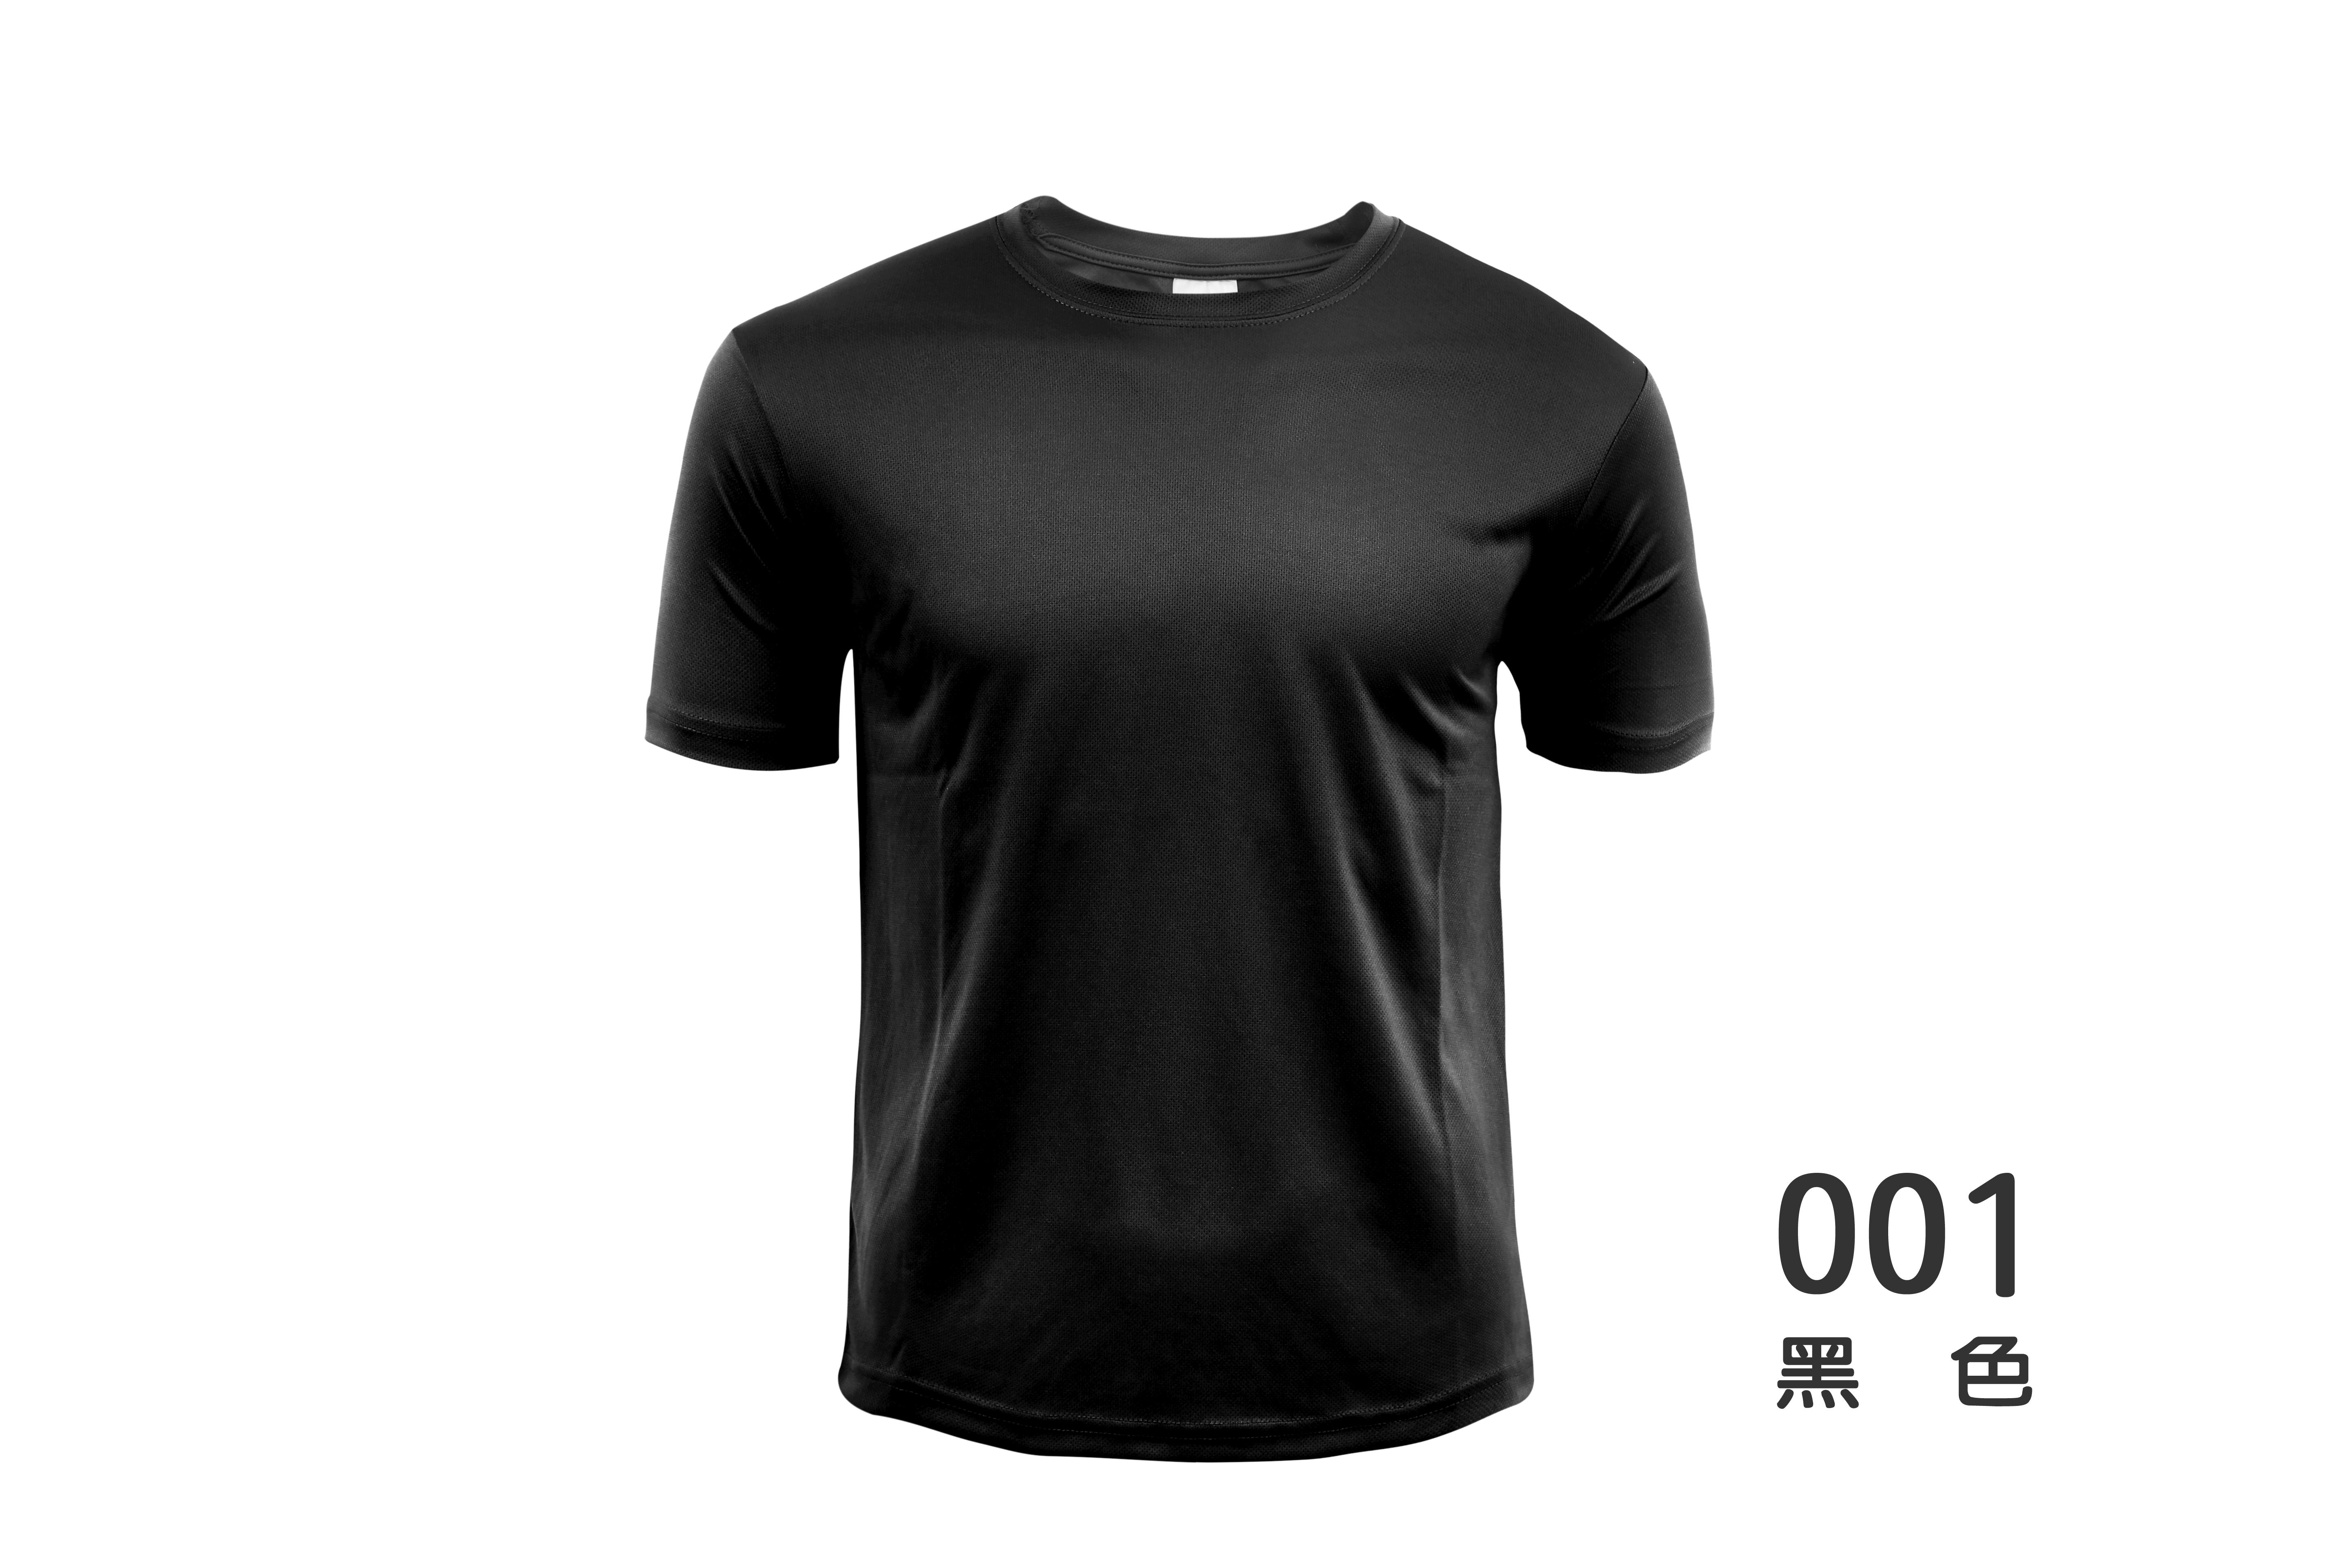 001黑色-1-01